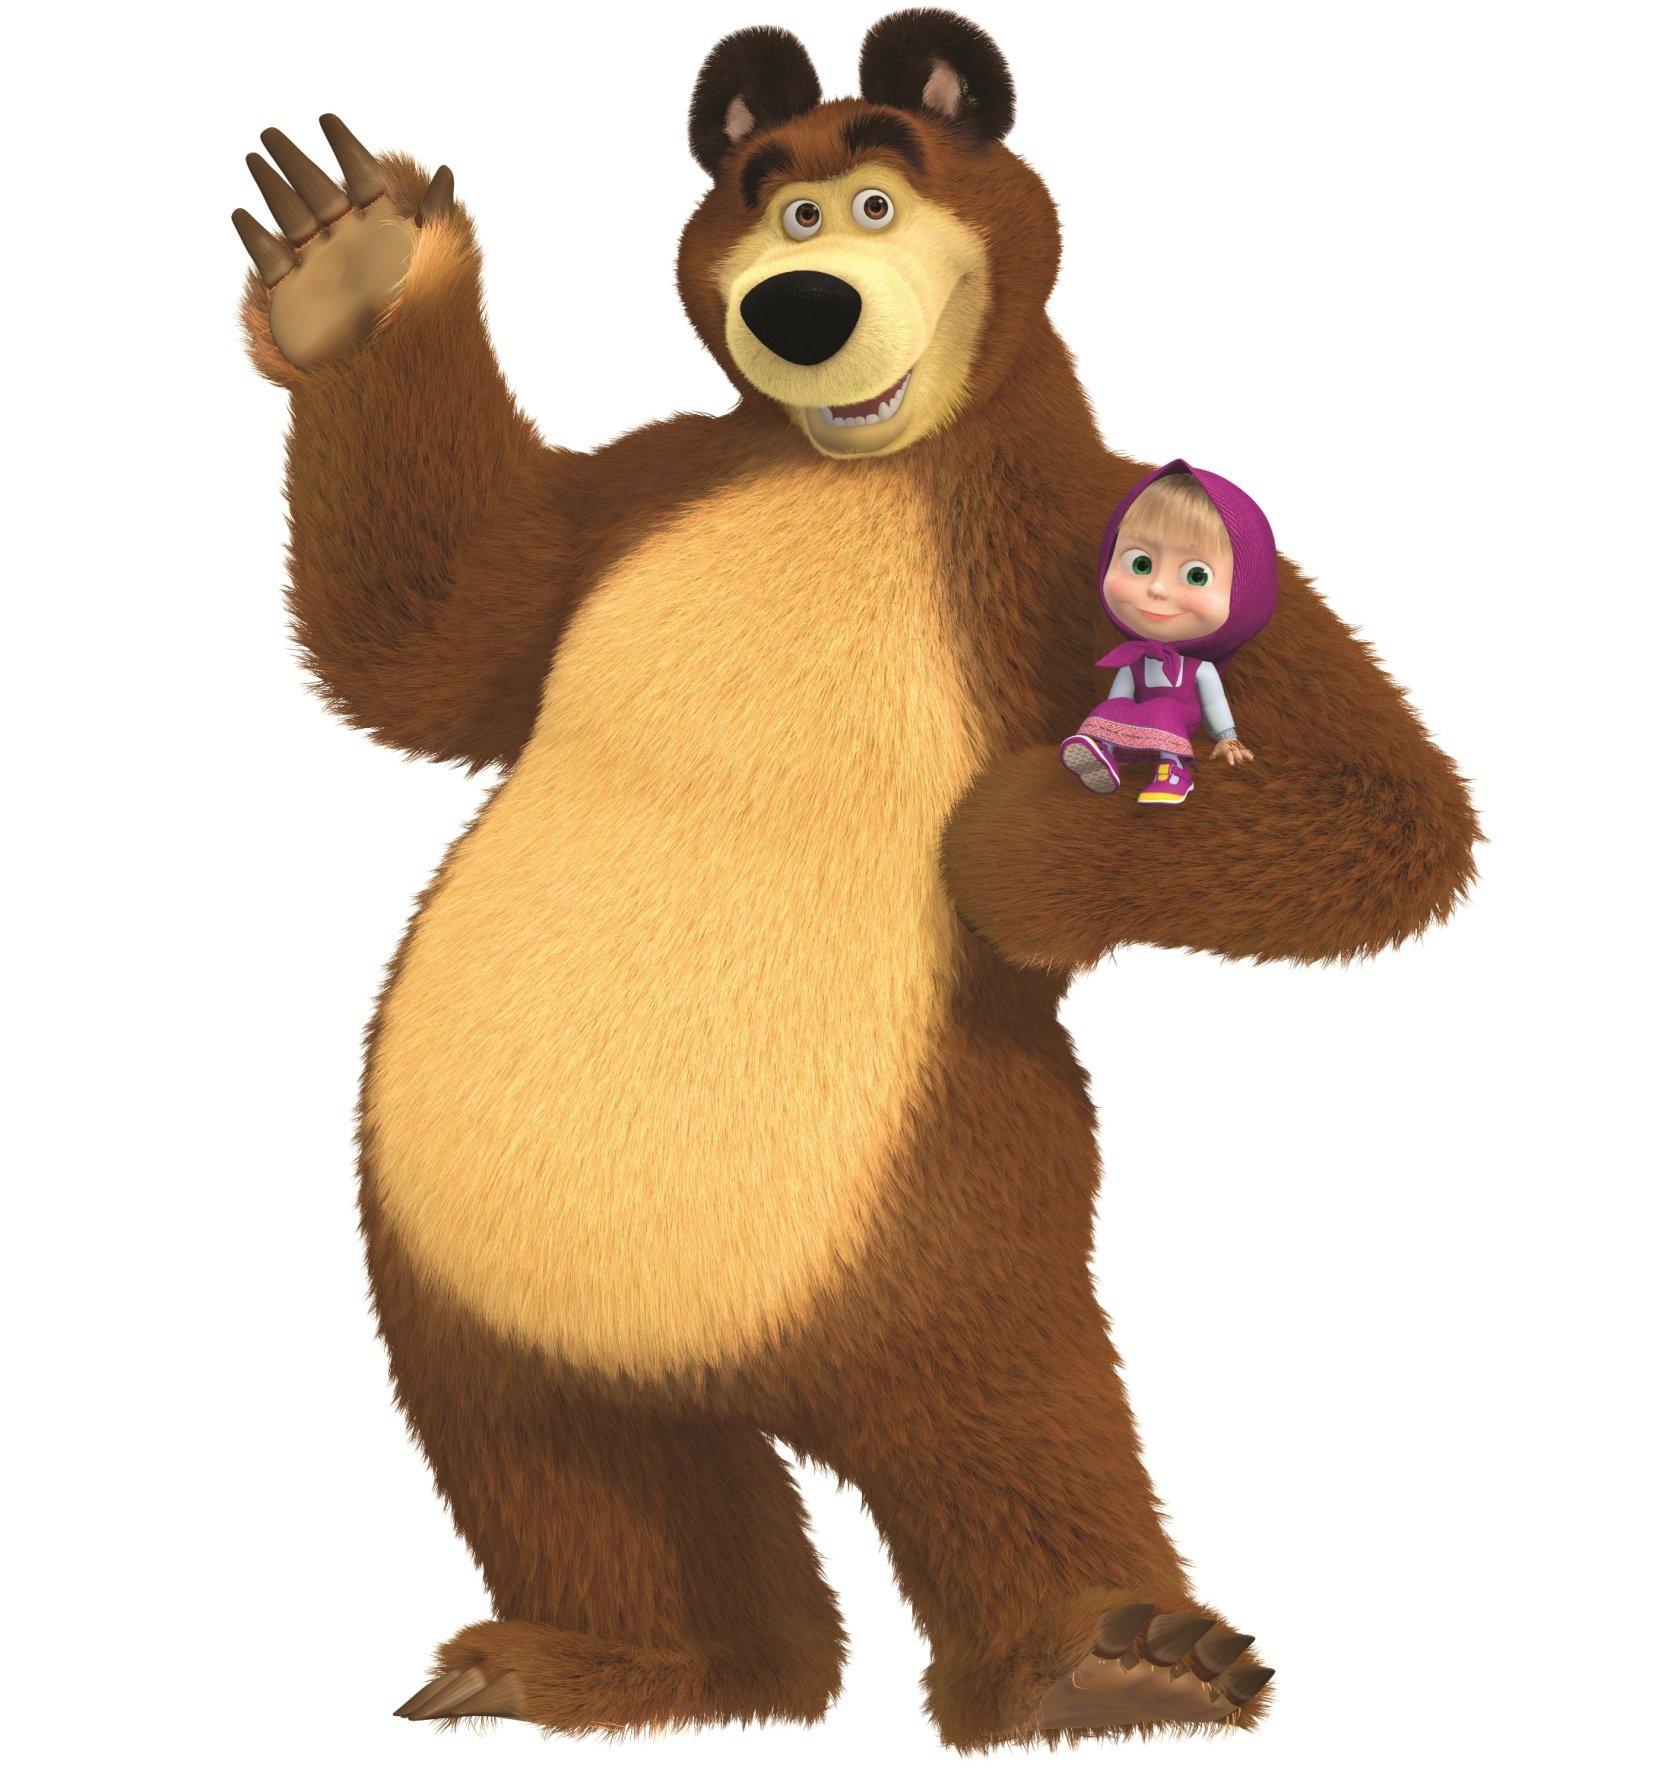 маша и медведь картинки на прозрачном фоне известно, самое